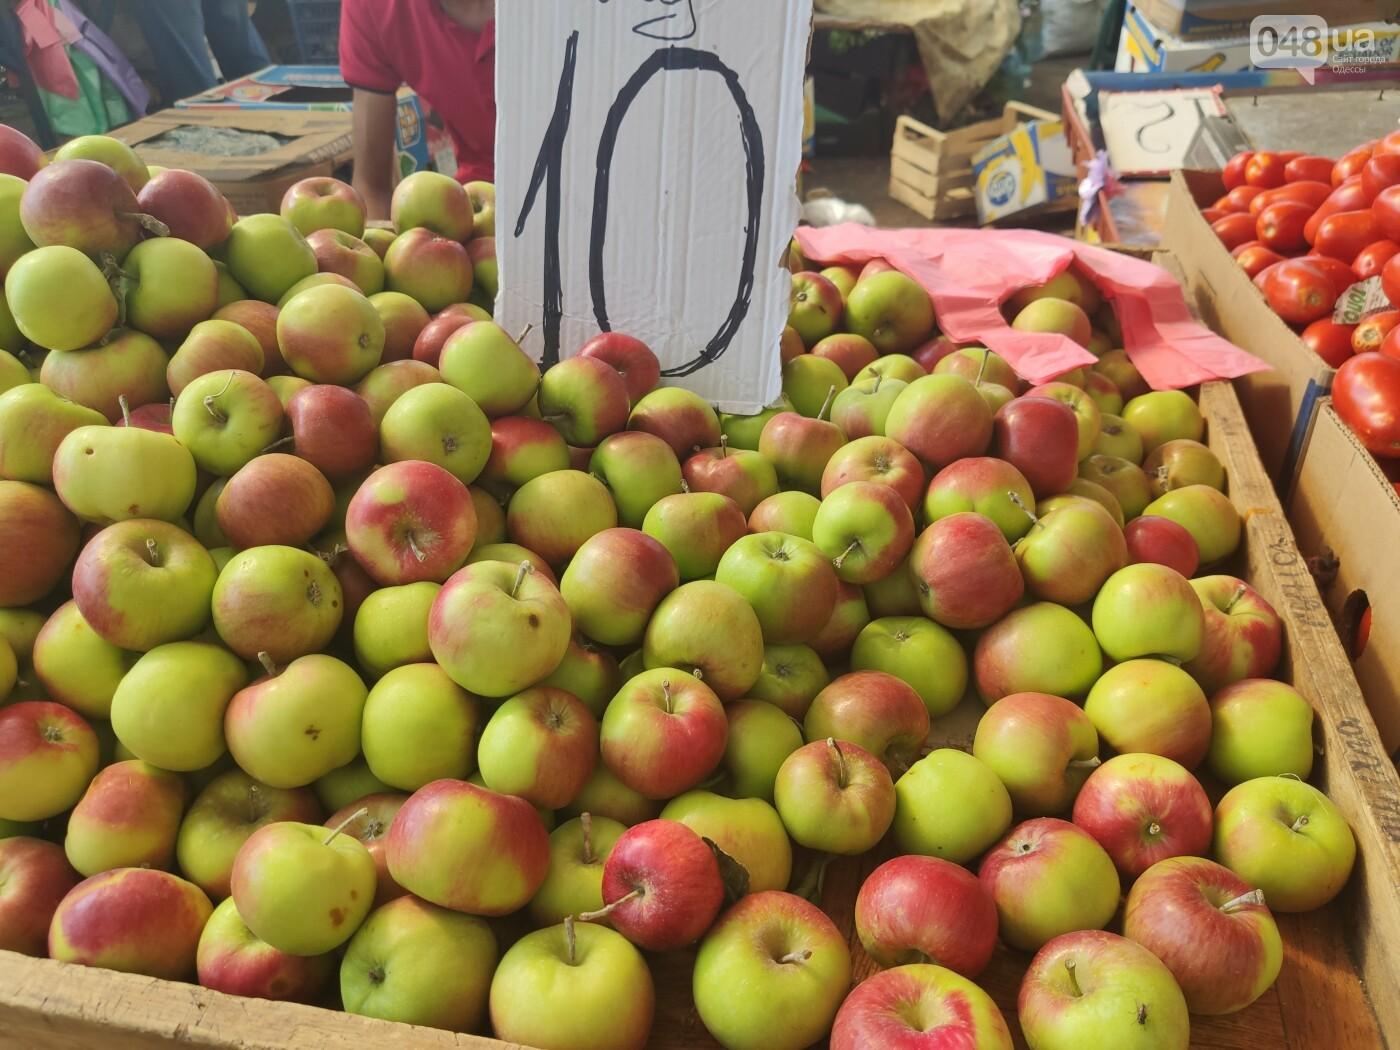 На Привозе упали цены: почем фрукты и овощи в Одессе, - ФОТОРЕПОРТАЖ, фото-9